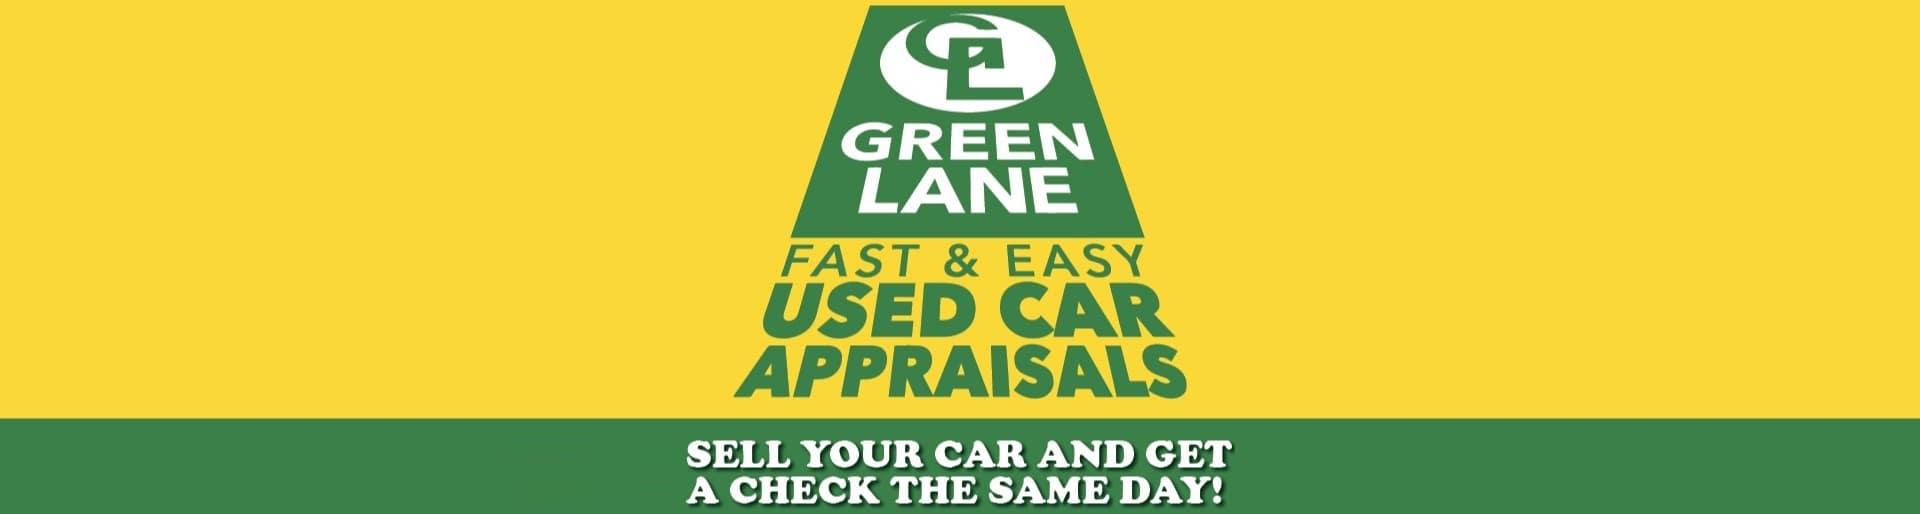 Green Lane Banner